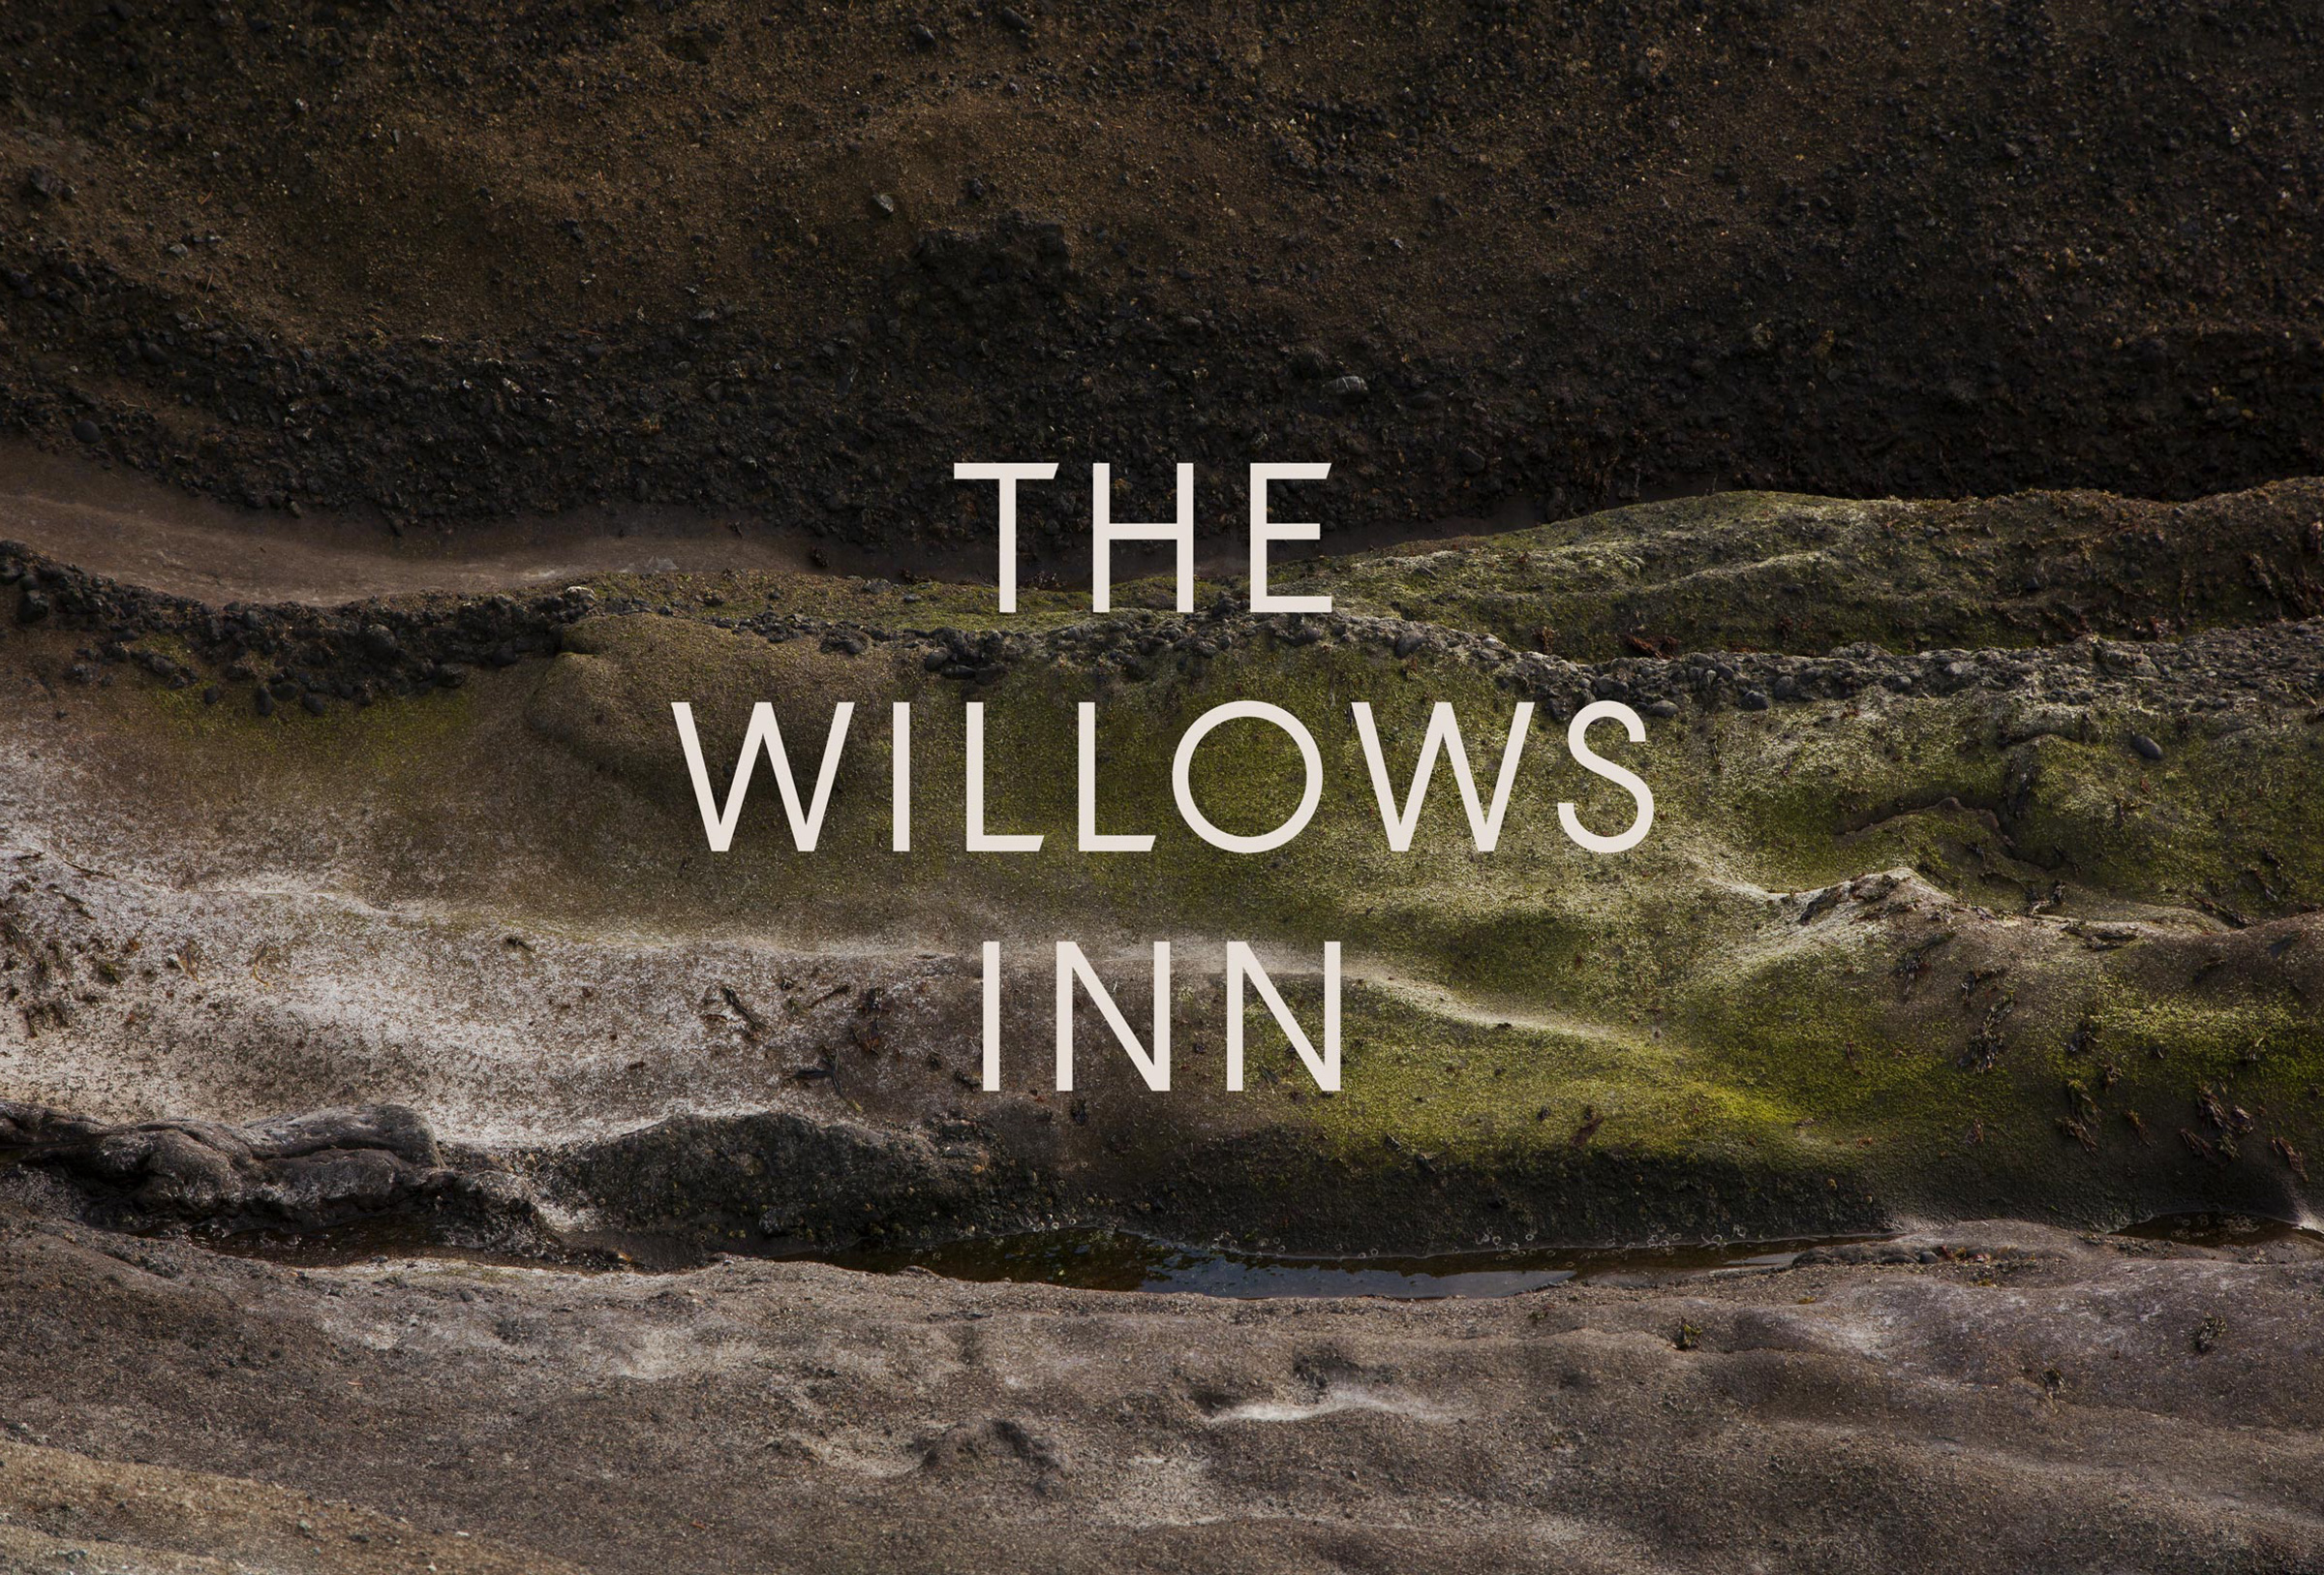 The Willows Inn